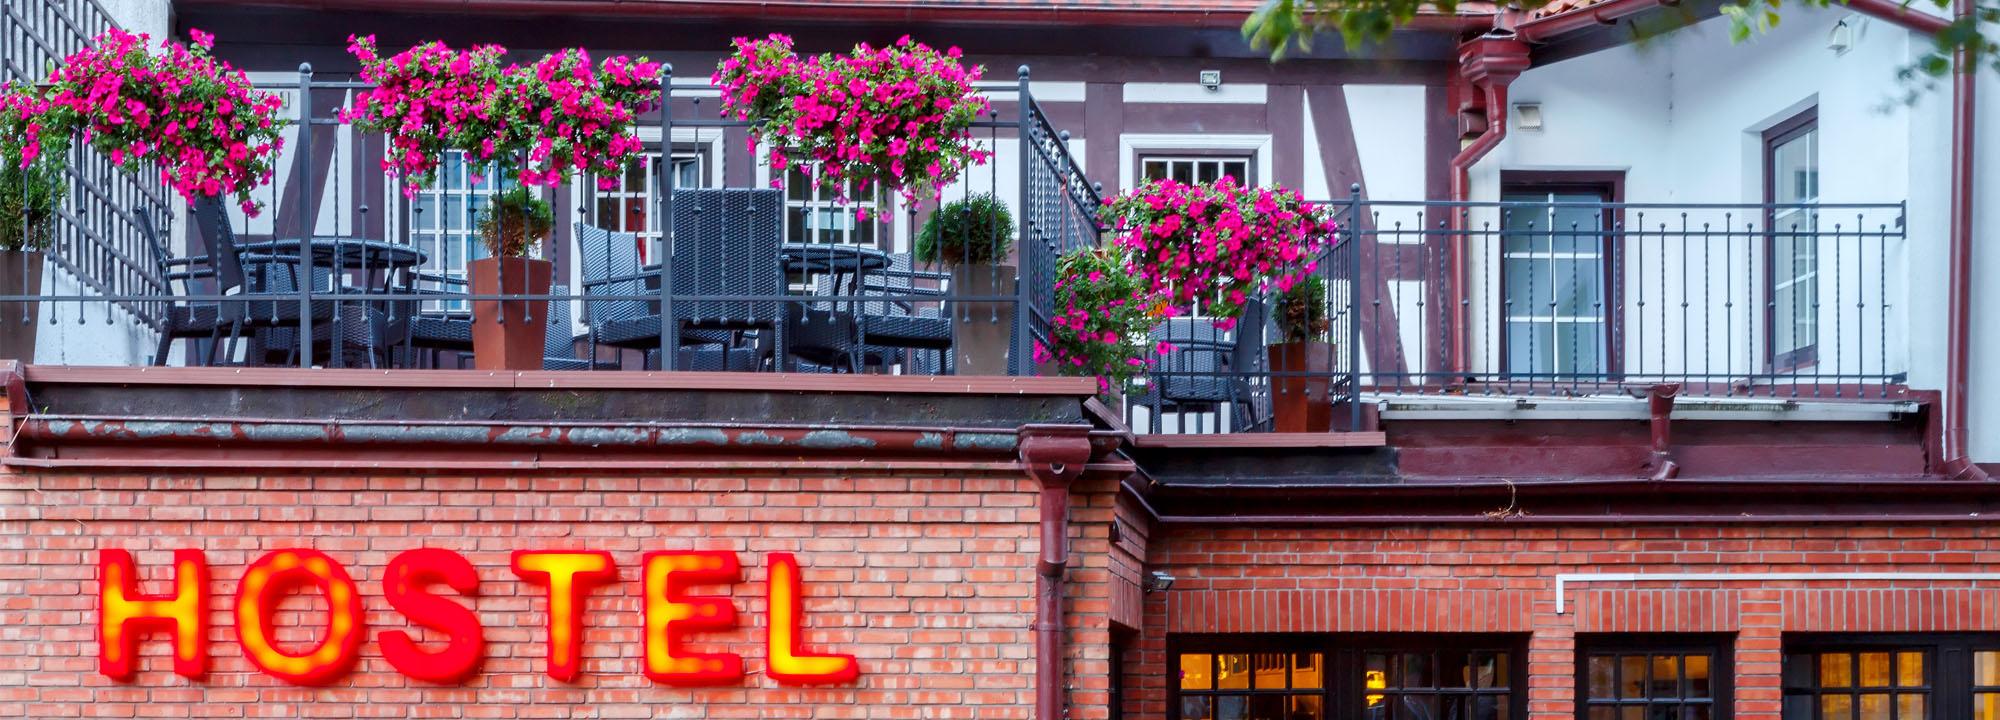 Neonove_logo_vitajici_navstevniky_do_hostelu